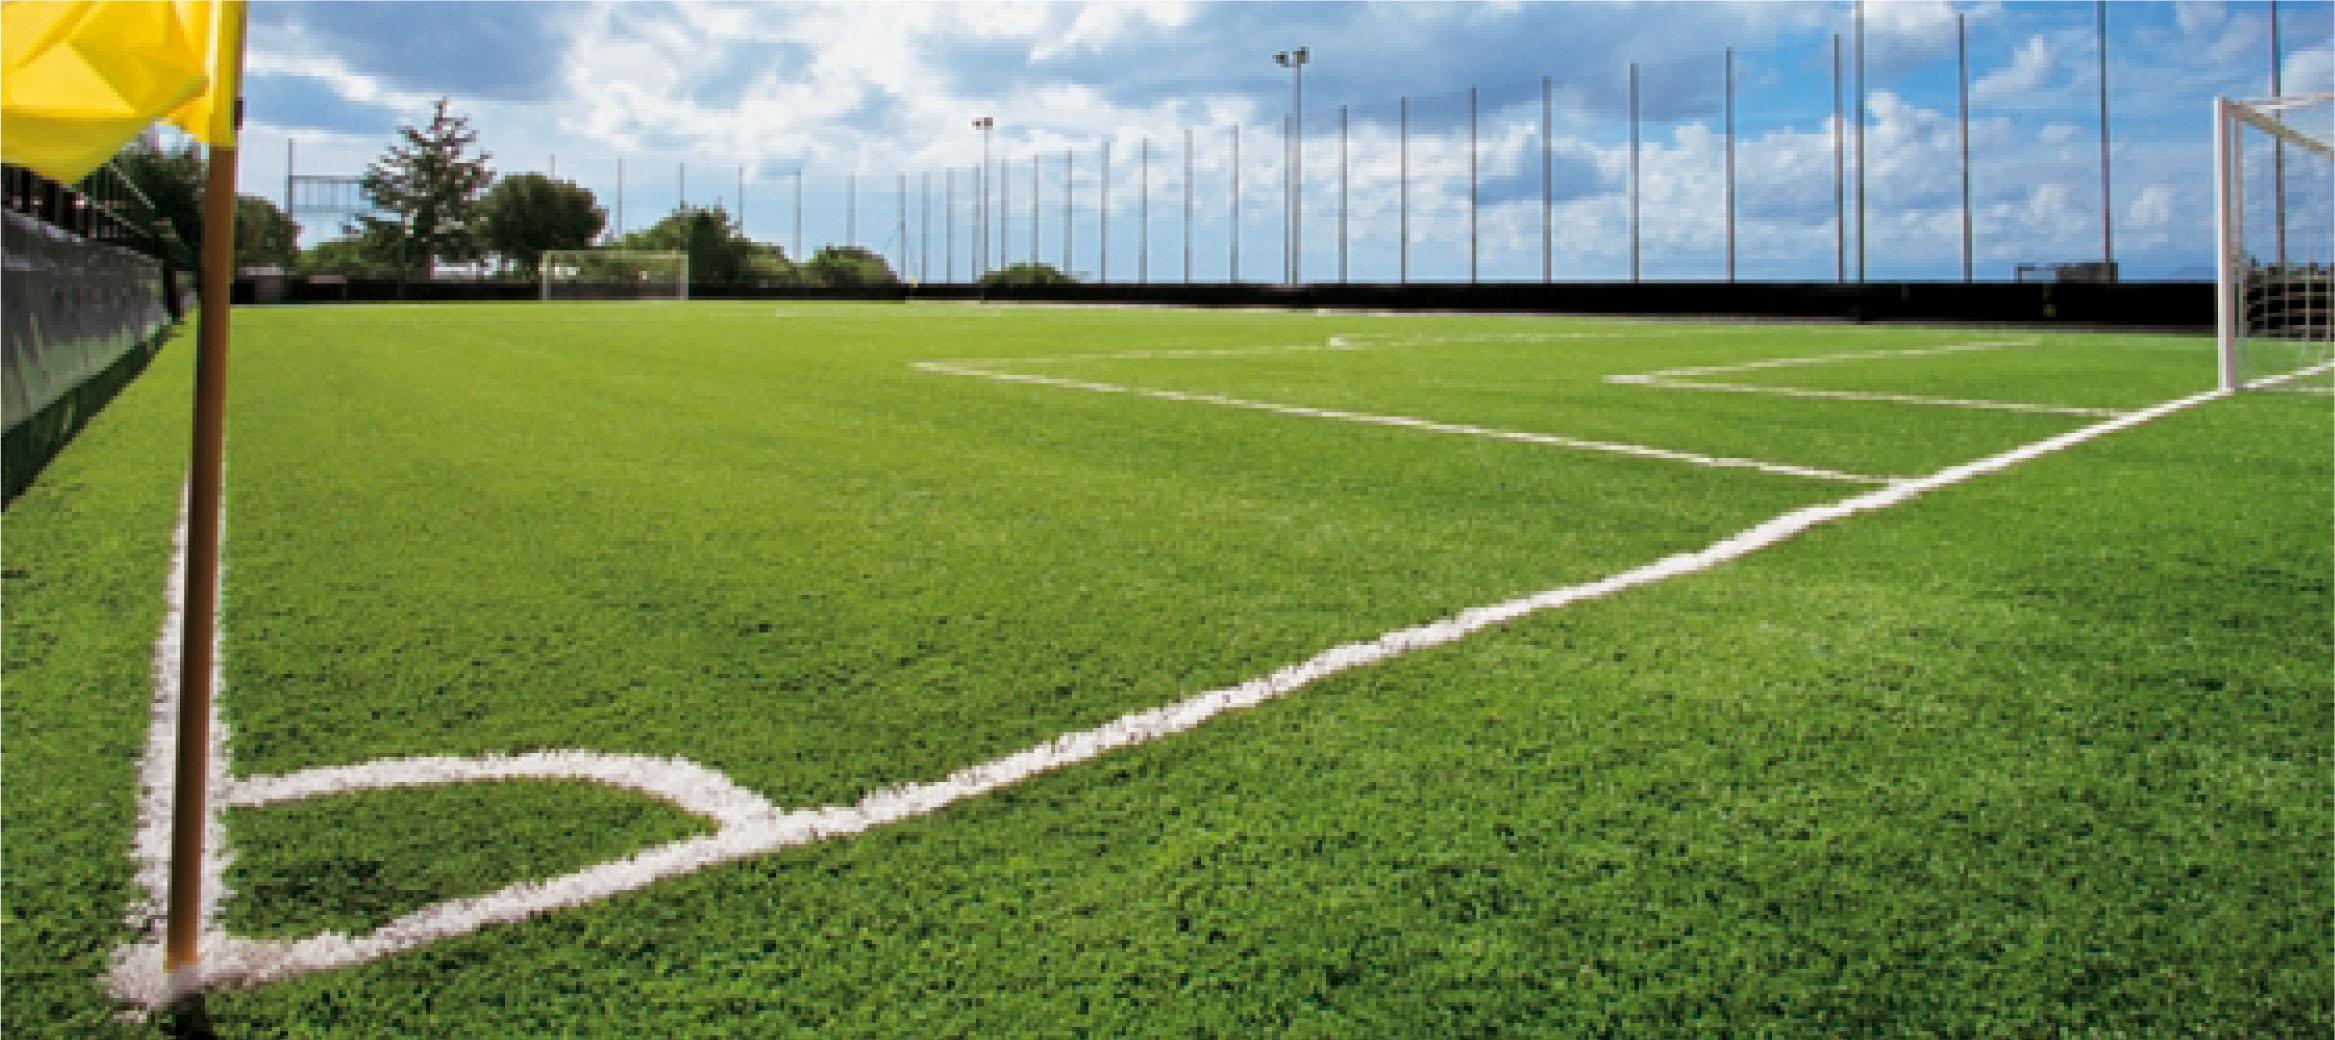 عشب ملاعب كرة القدم